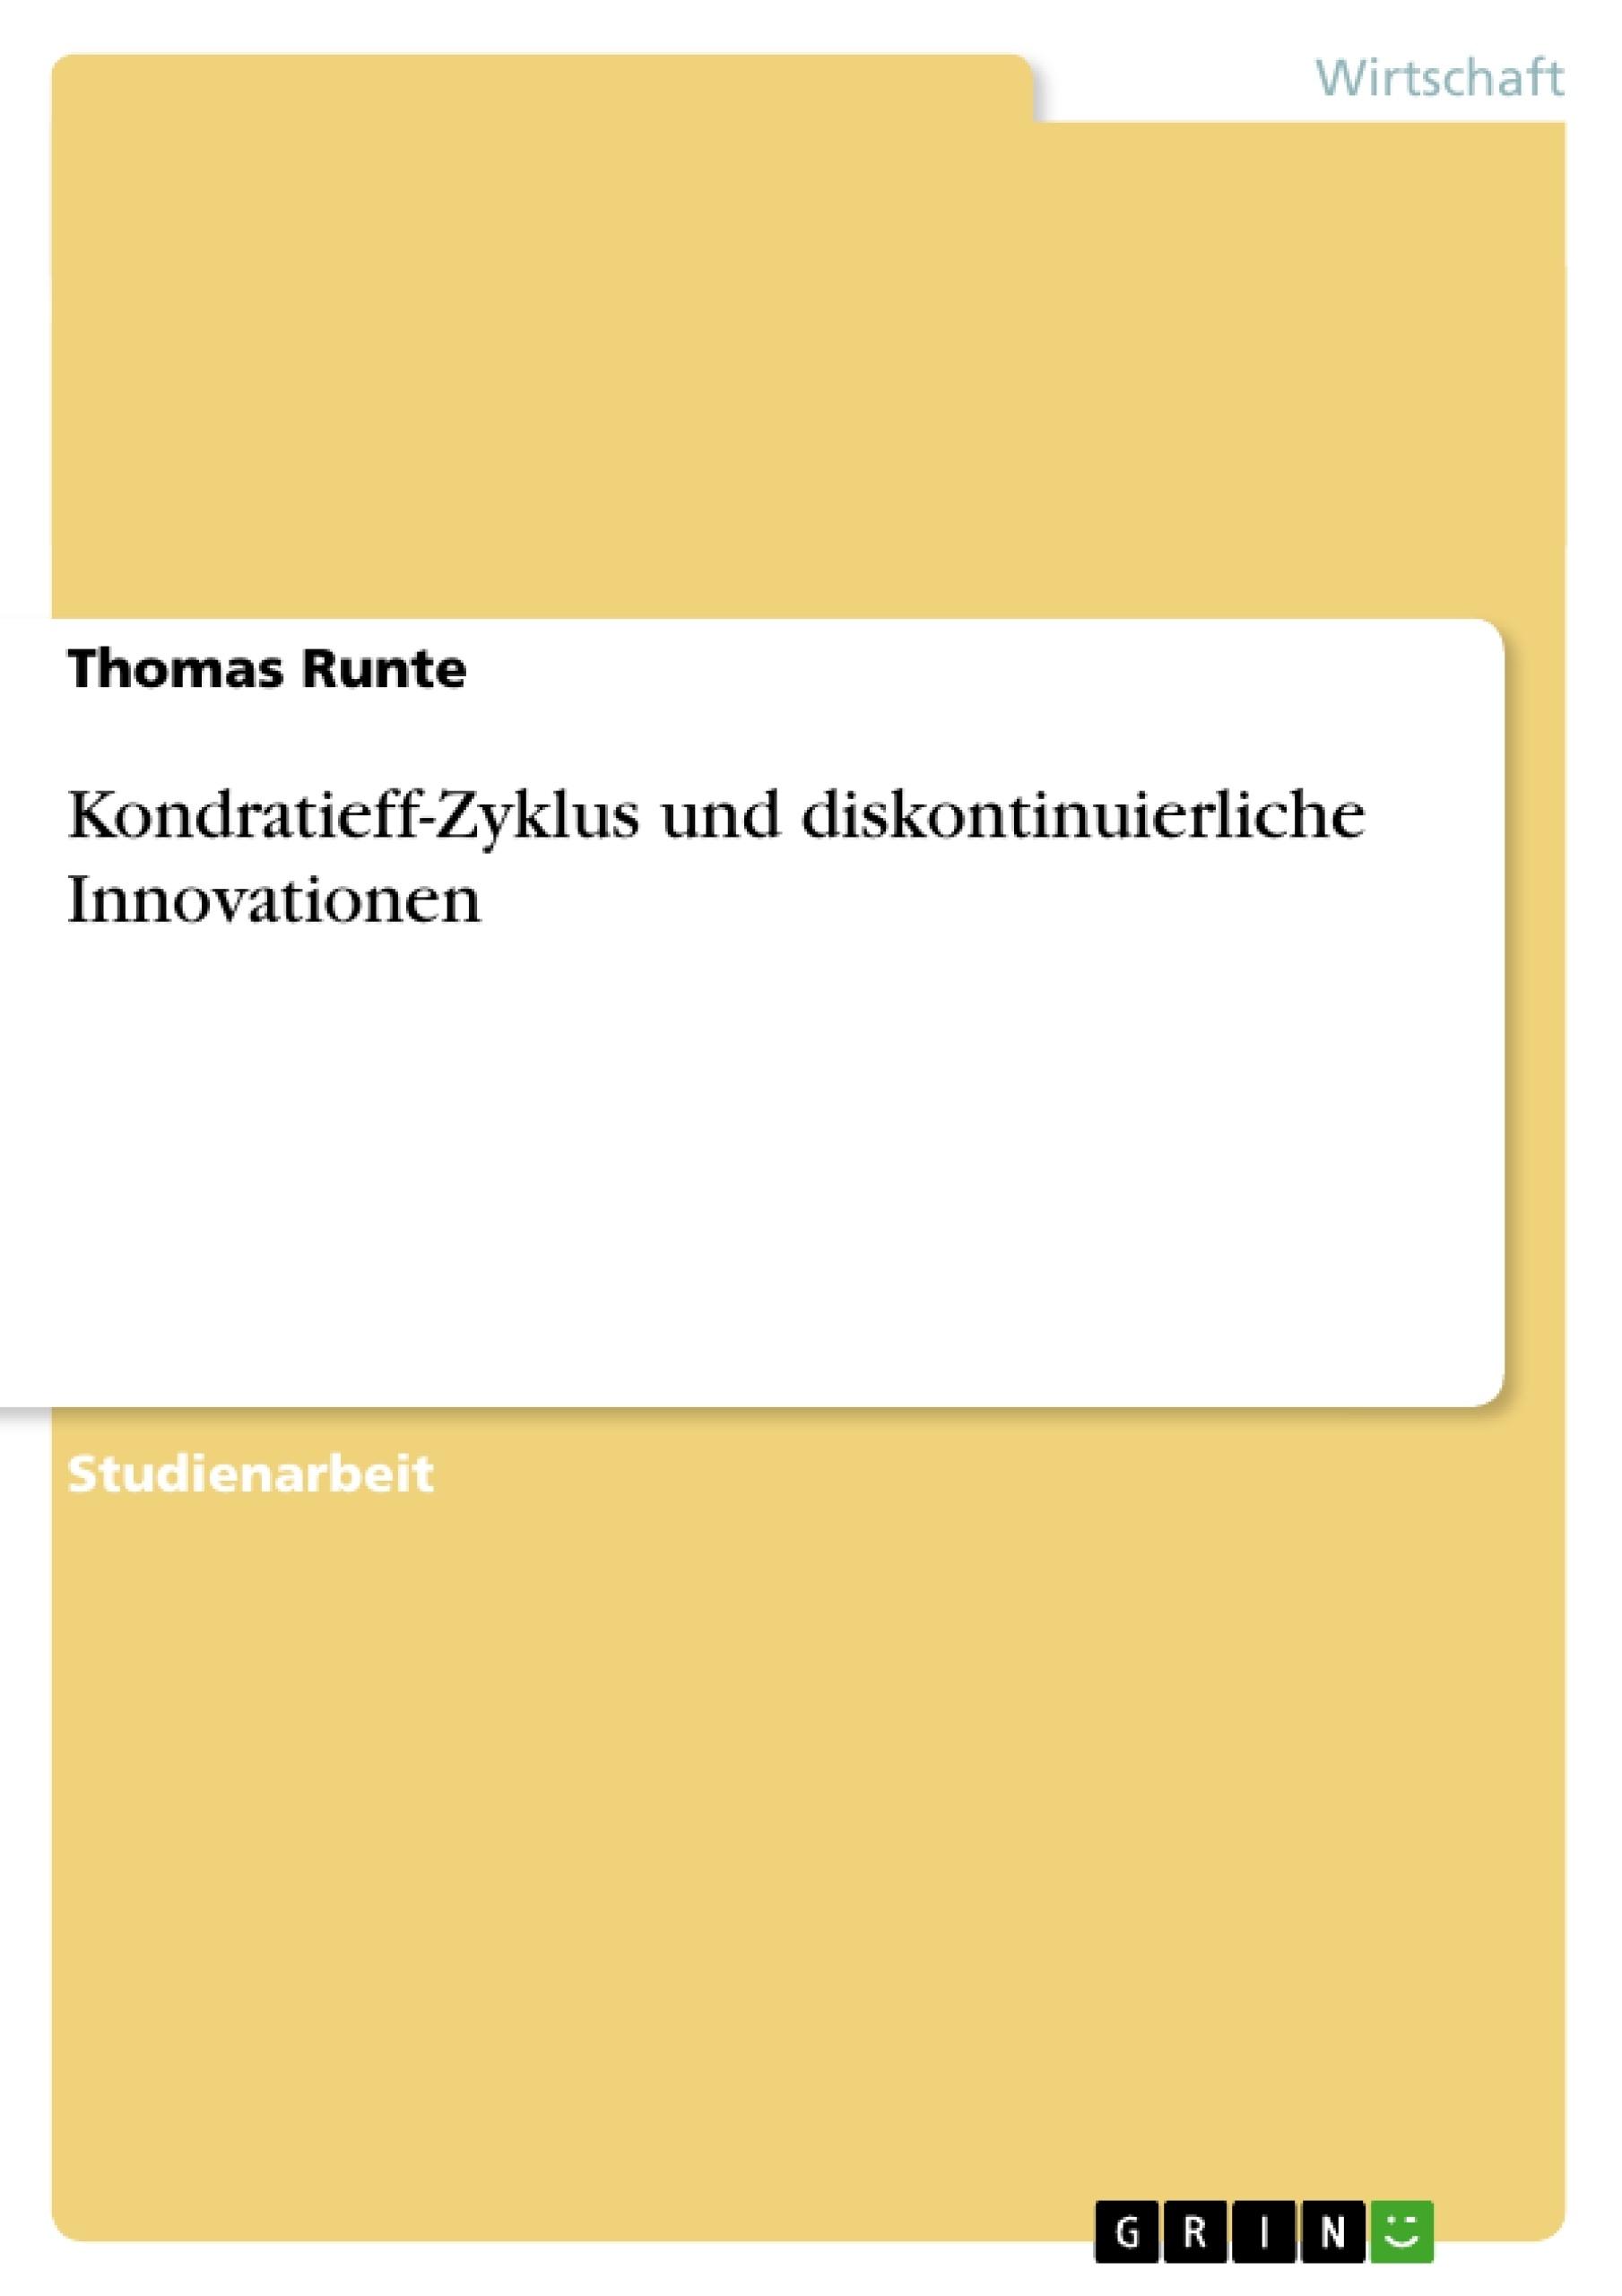 Titel: Kondratieff-Zyklus und diskontinuierliche Innovationen